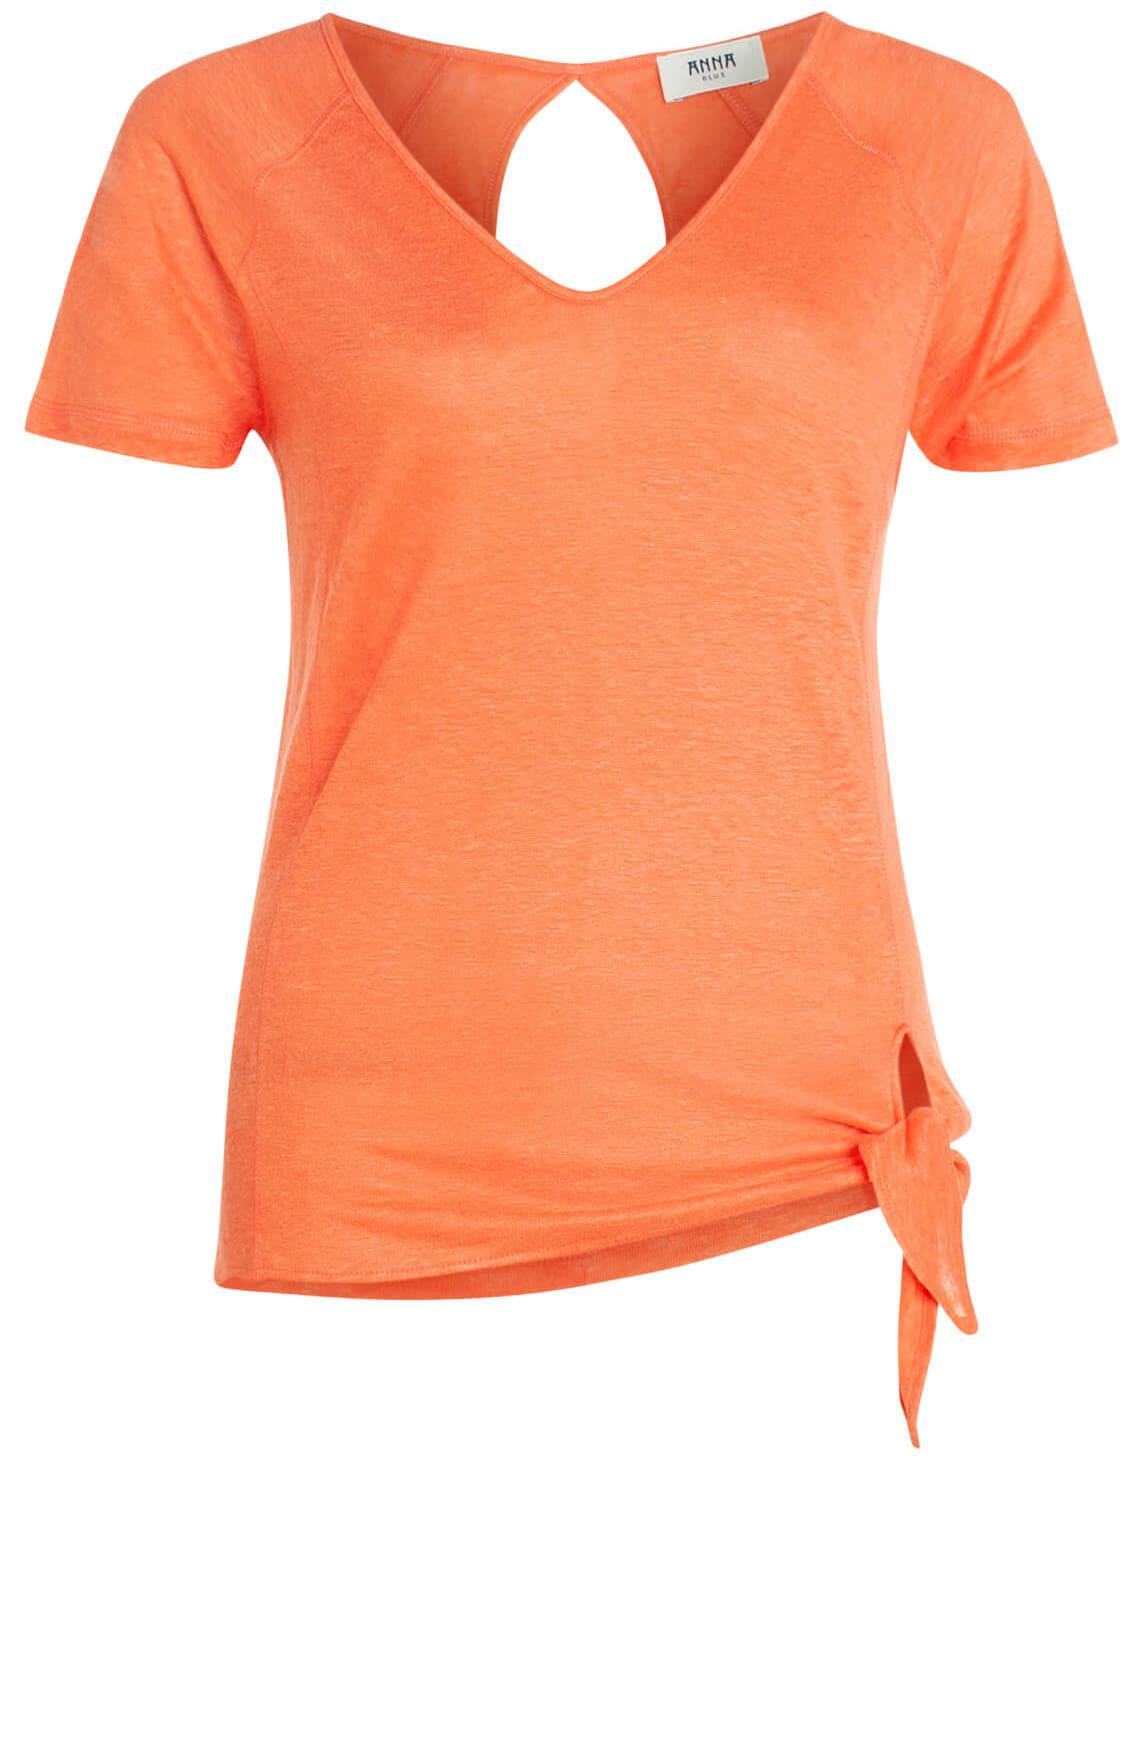 Anna Blue Dames Shirt met knoopdetail Oranje